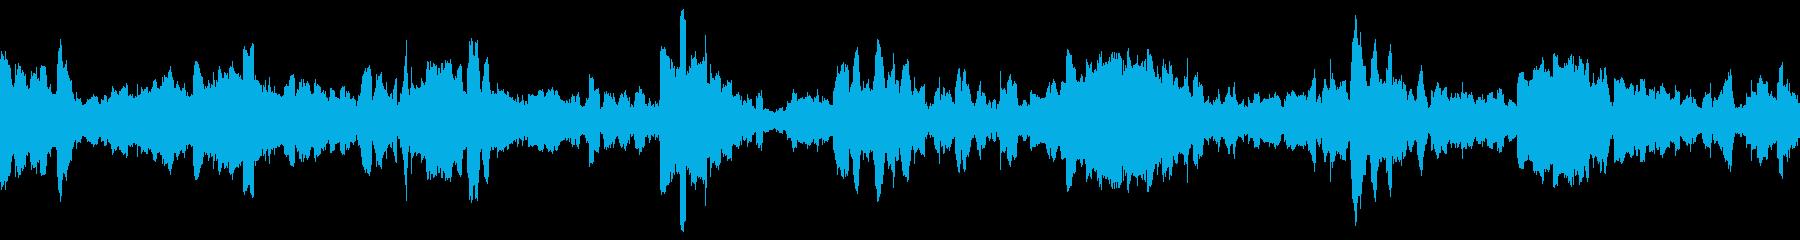 衛星伝送-電子バズによるデジタルル...の再生済みの波形